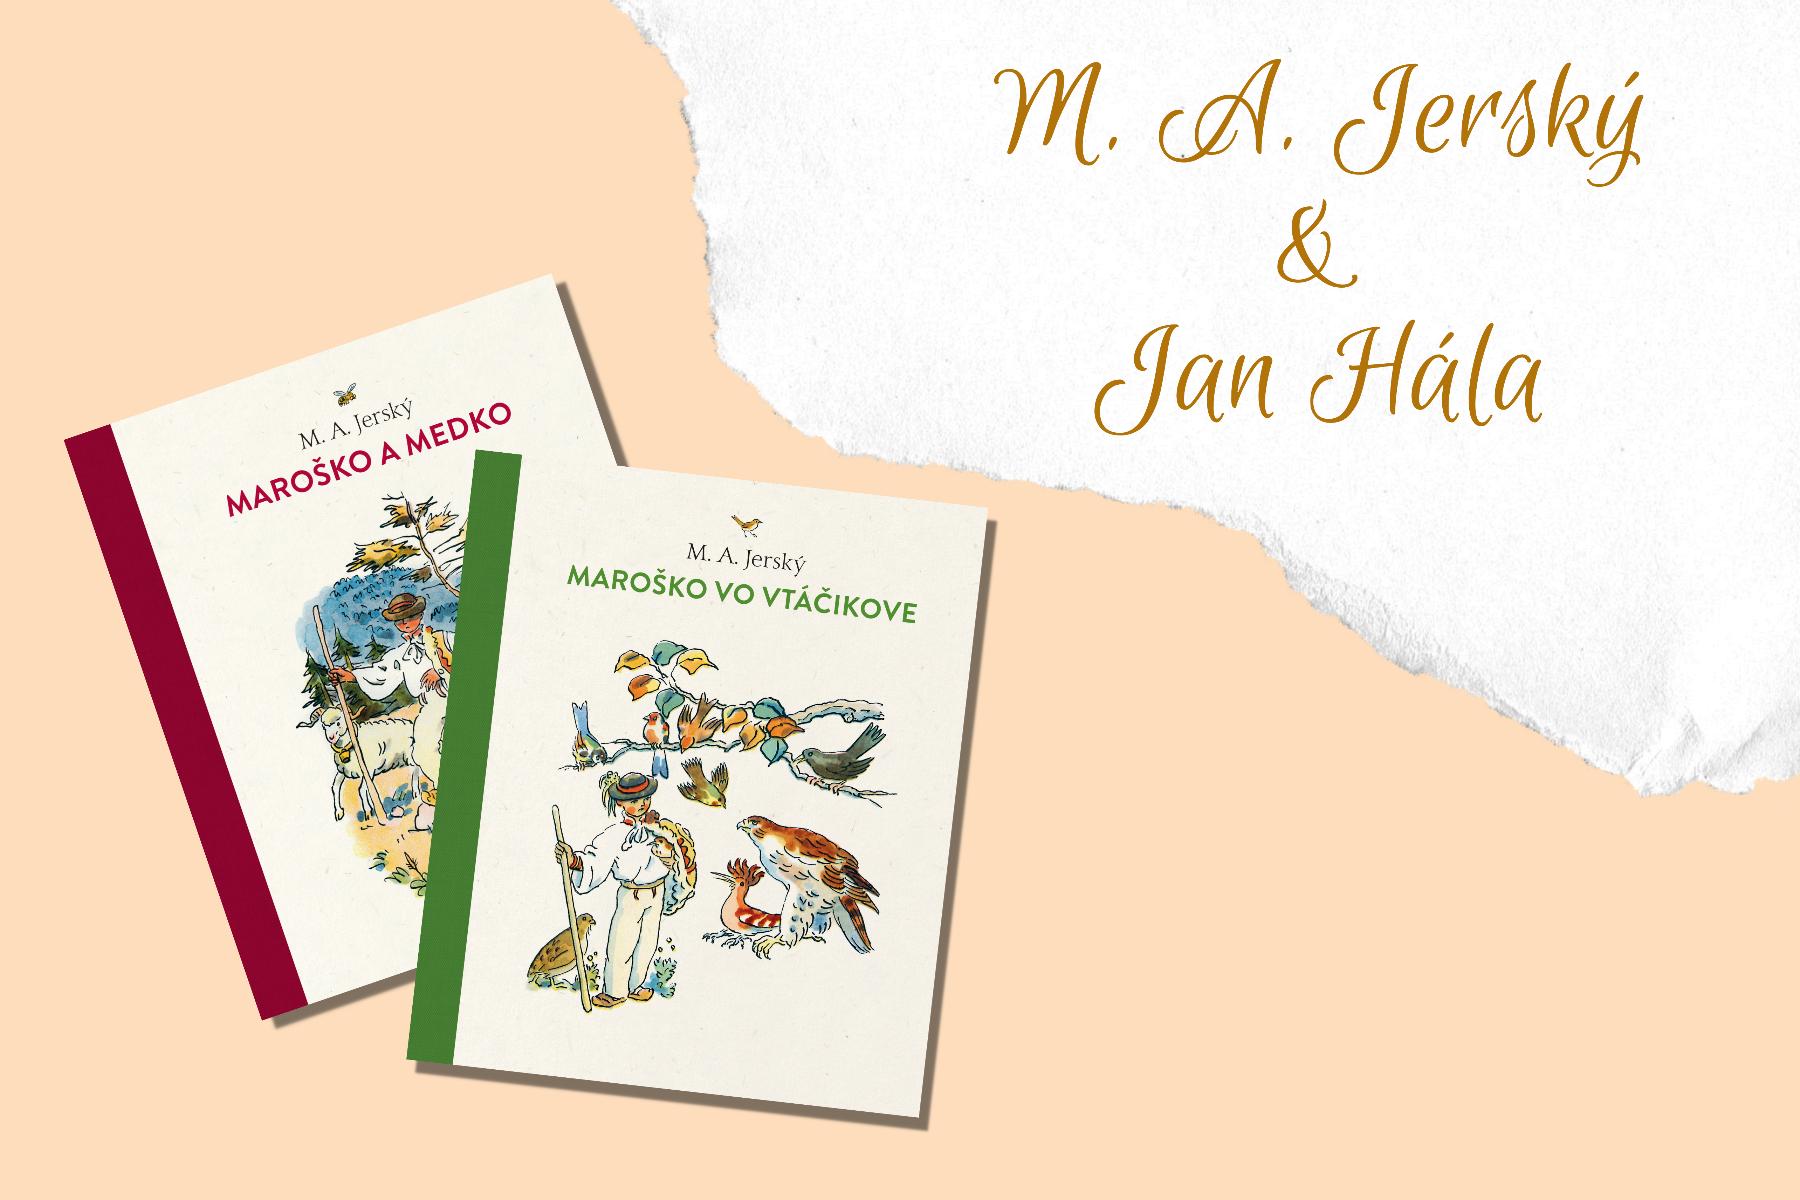 M. A. Jerský, Jan Hála: Veršované rozprávky o Maroškovi